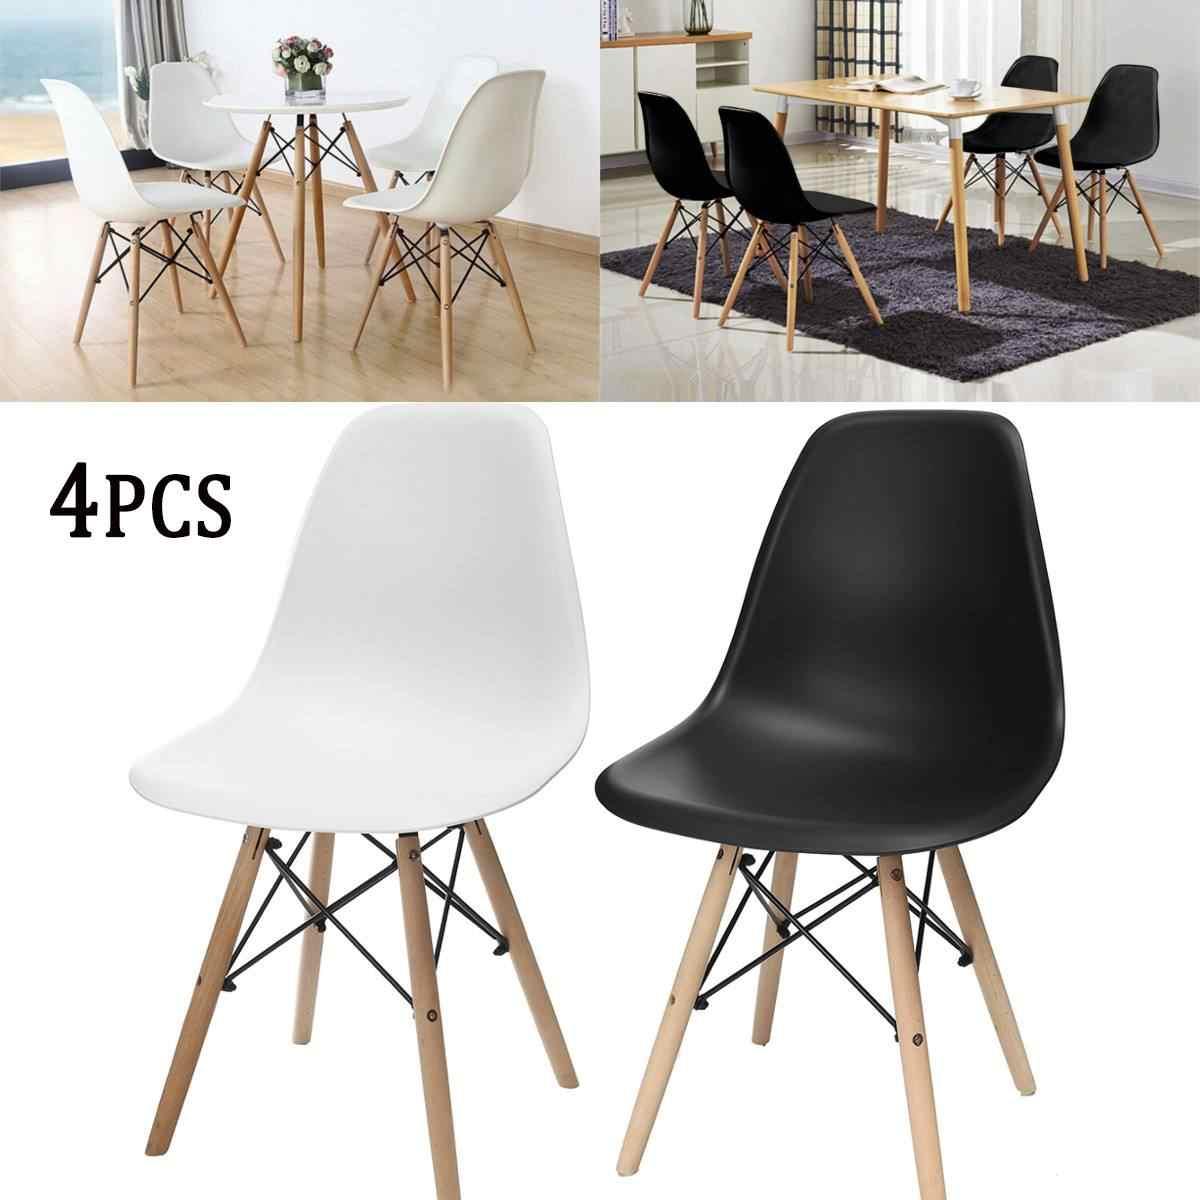 4 шт. 81*46*40 см современные деревянные обеденные стулья минималистичное компьютерное офисное кресло для переговорной повседневной домашней спинки кофейное кресло мебель